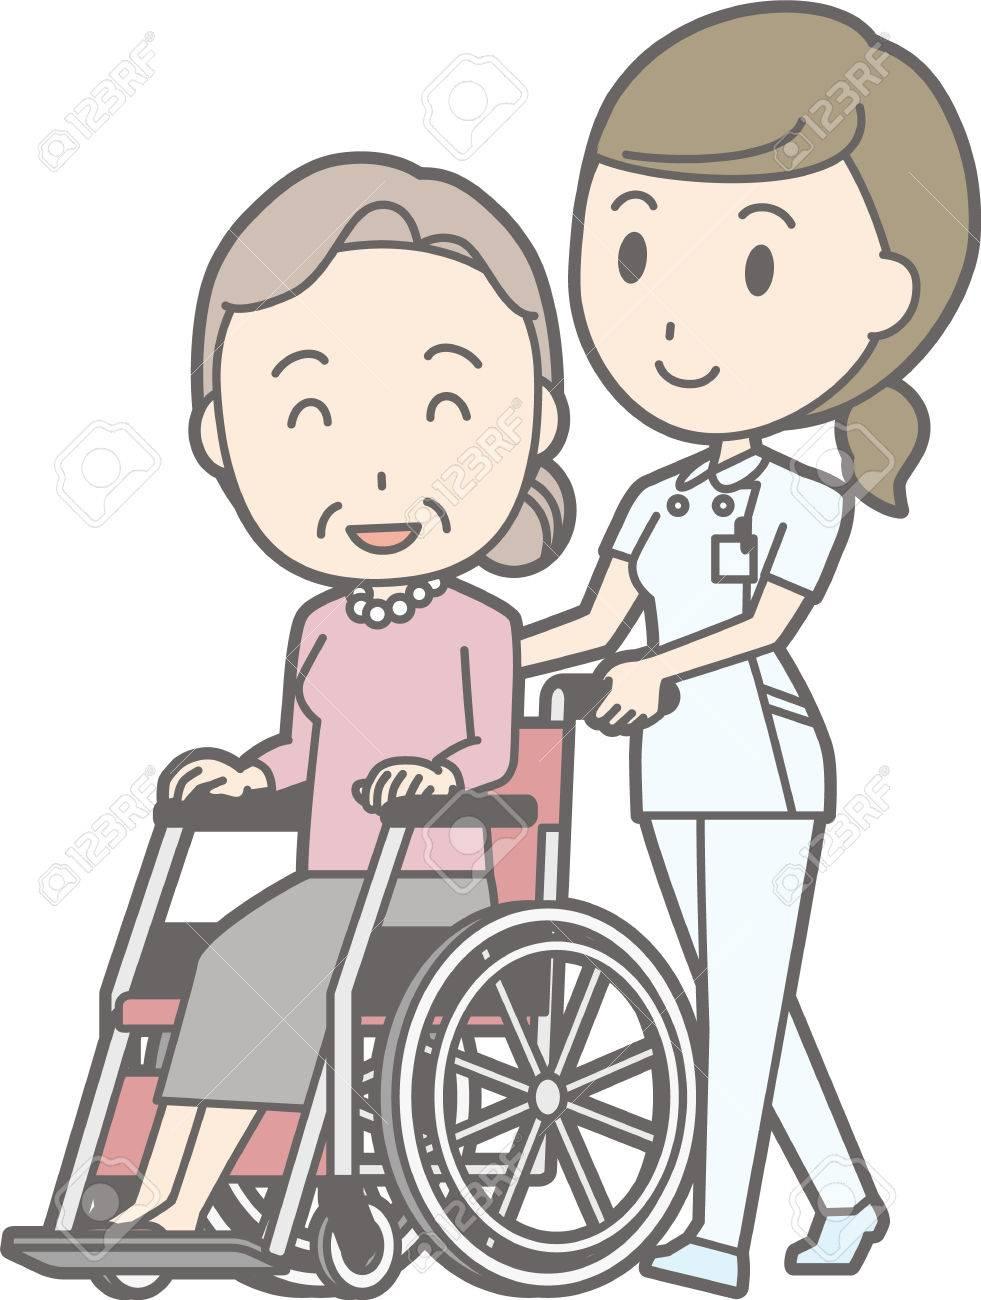 6ec414f057de09 Illustration zu Fuß von einer Krankenschwester tragen einen weißen Mantel  einen Rollstuhl auf eine ältere Frau